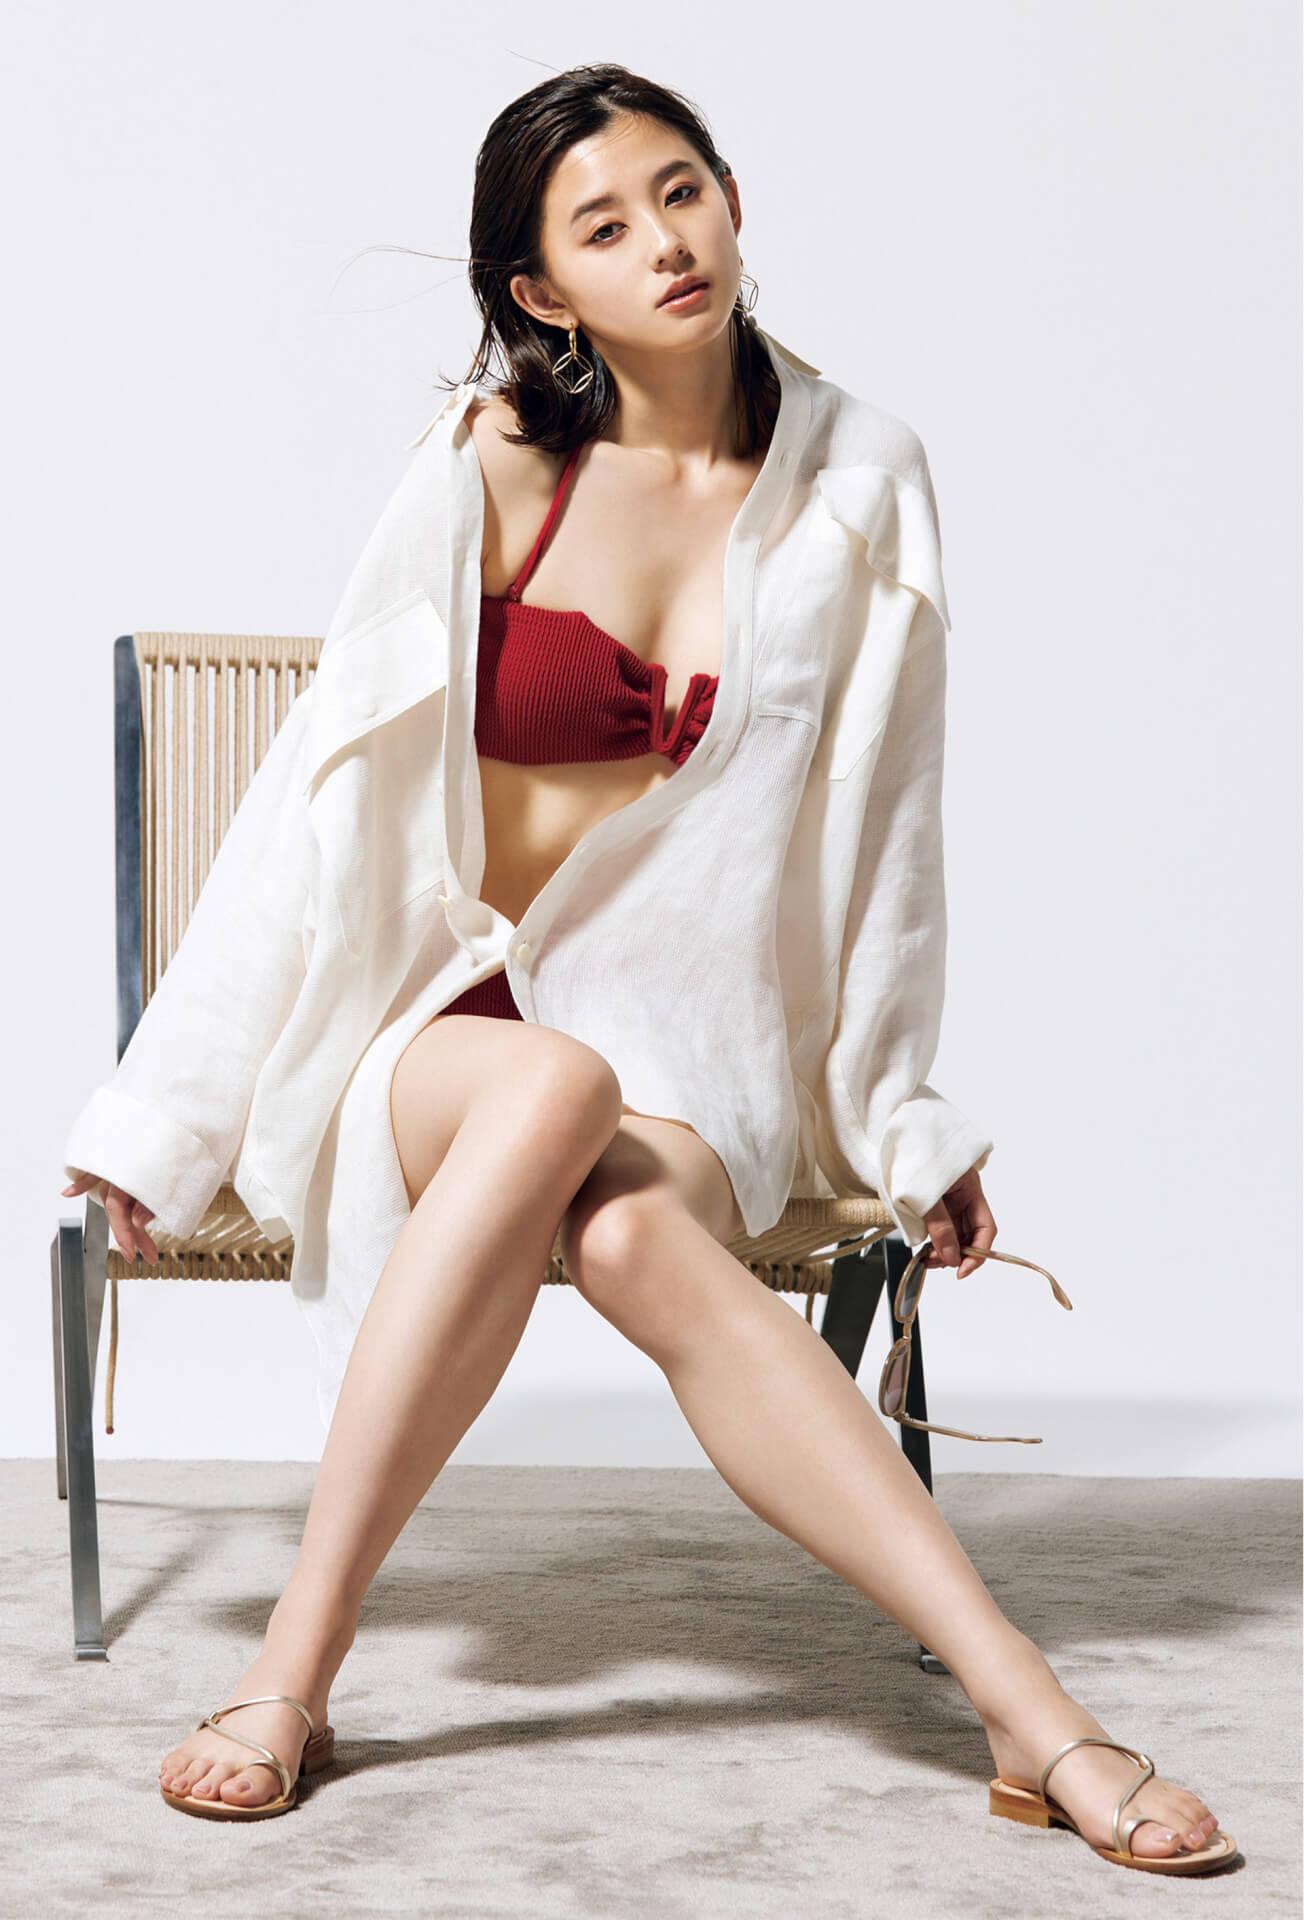 朝比奈彩が美しすぎるオトナ水着姿を大胆披露!『Oggi』でトレンド水着を紹介 art210528_asahinaaya_1